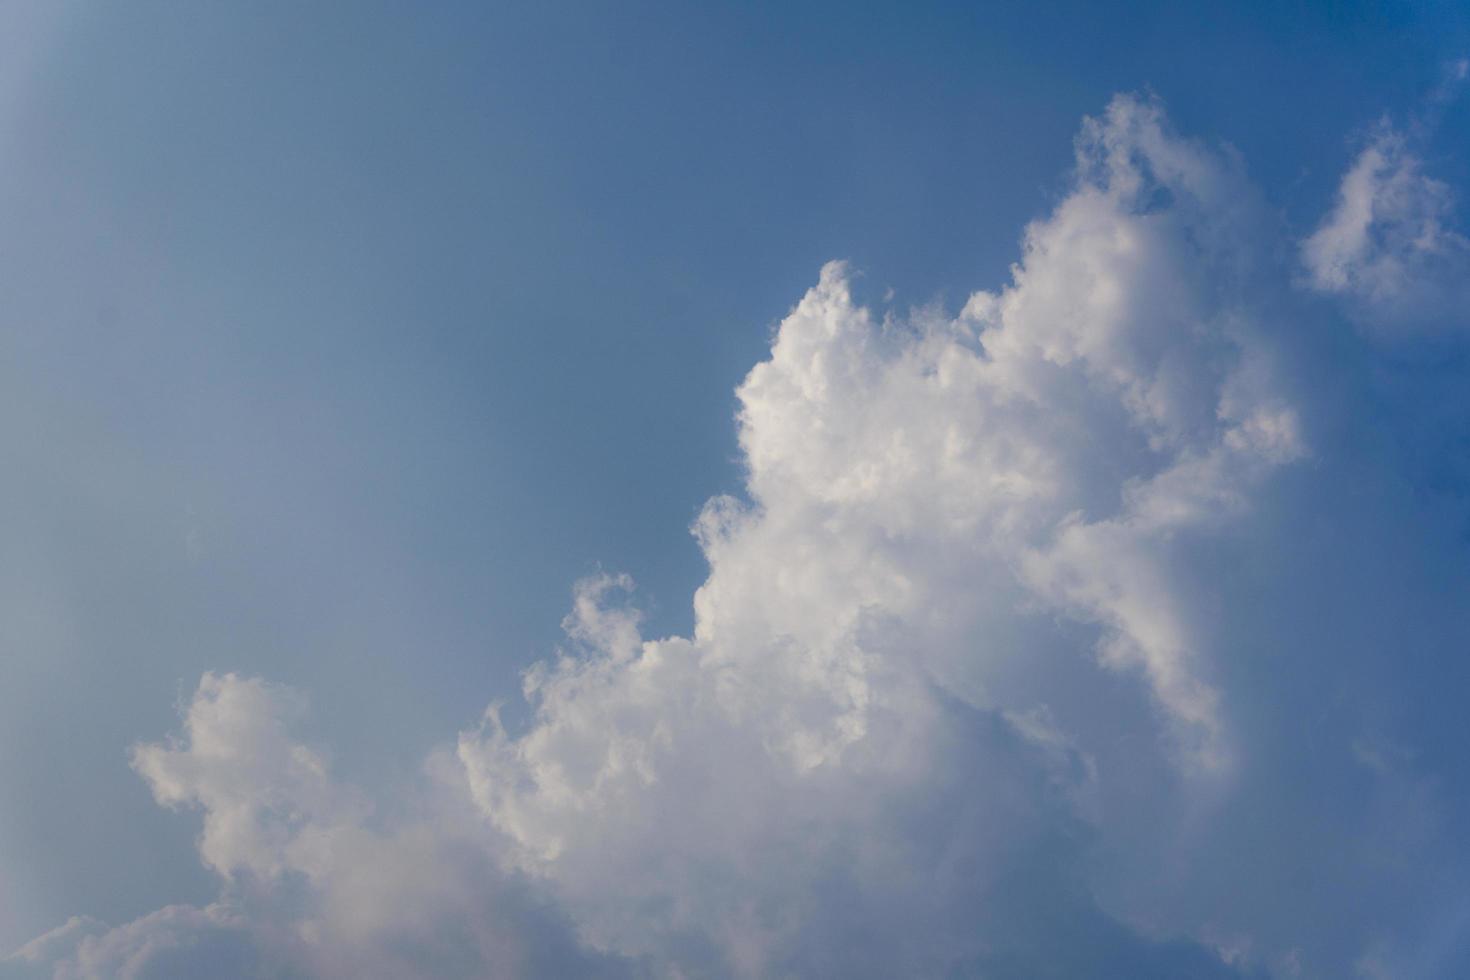 der Blick auf weiße Wolken, die am Himmel schweben foto